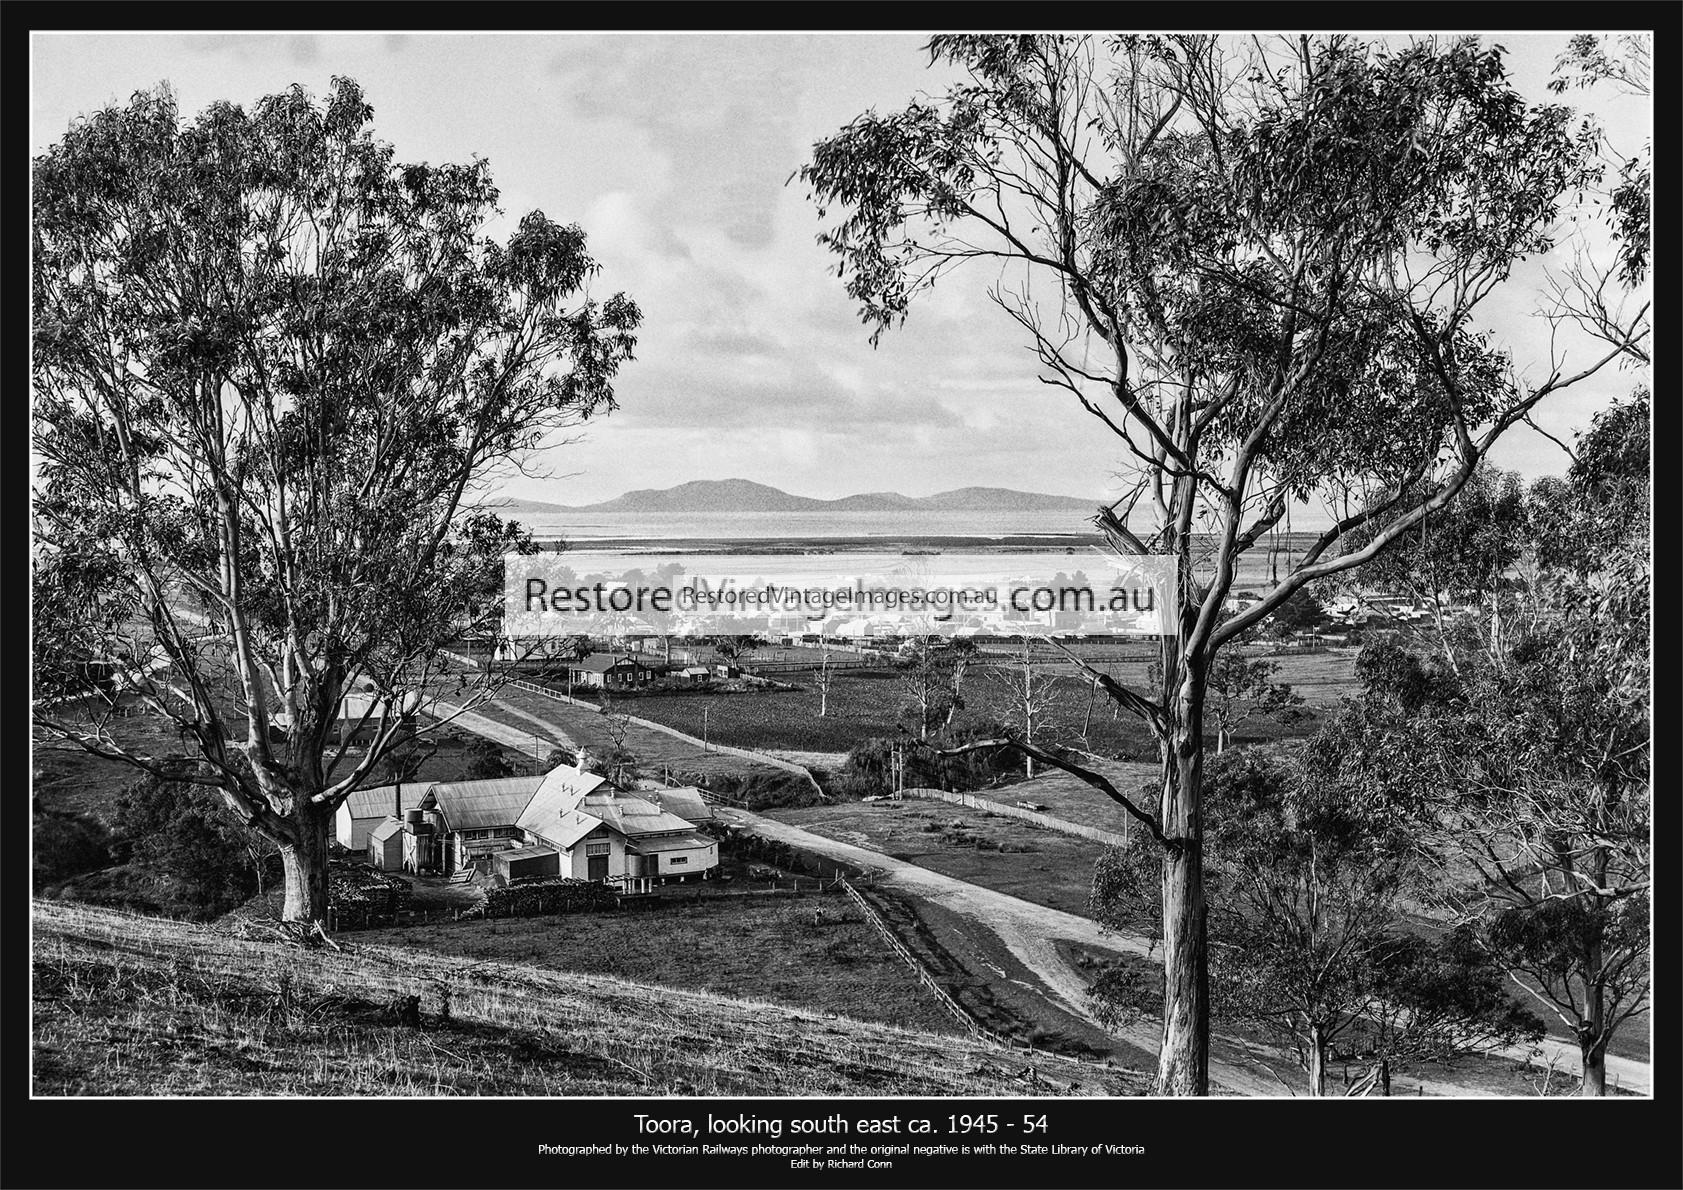 Toora, Looking South East Across Corner Inlet Towards Wilsons Promontory Ca. 1945 – 54